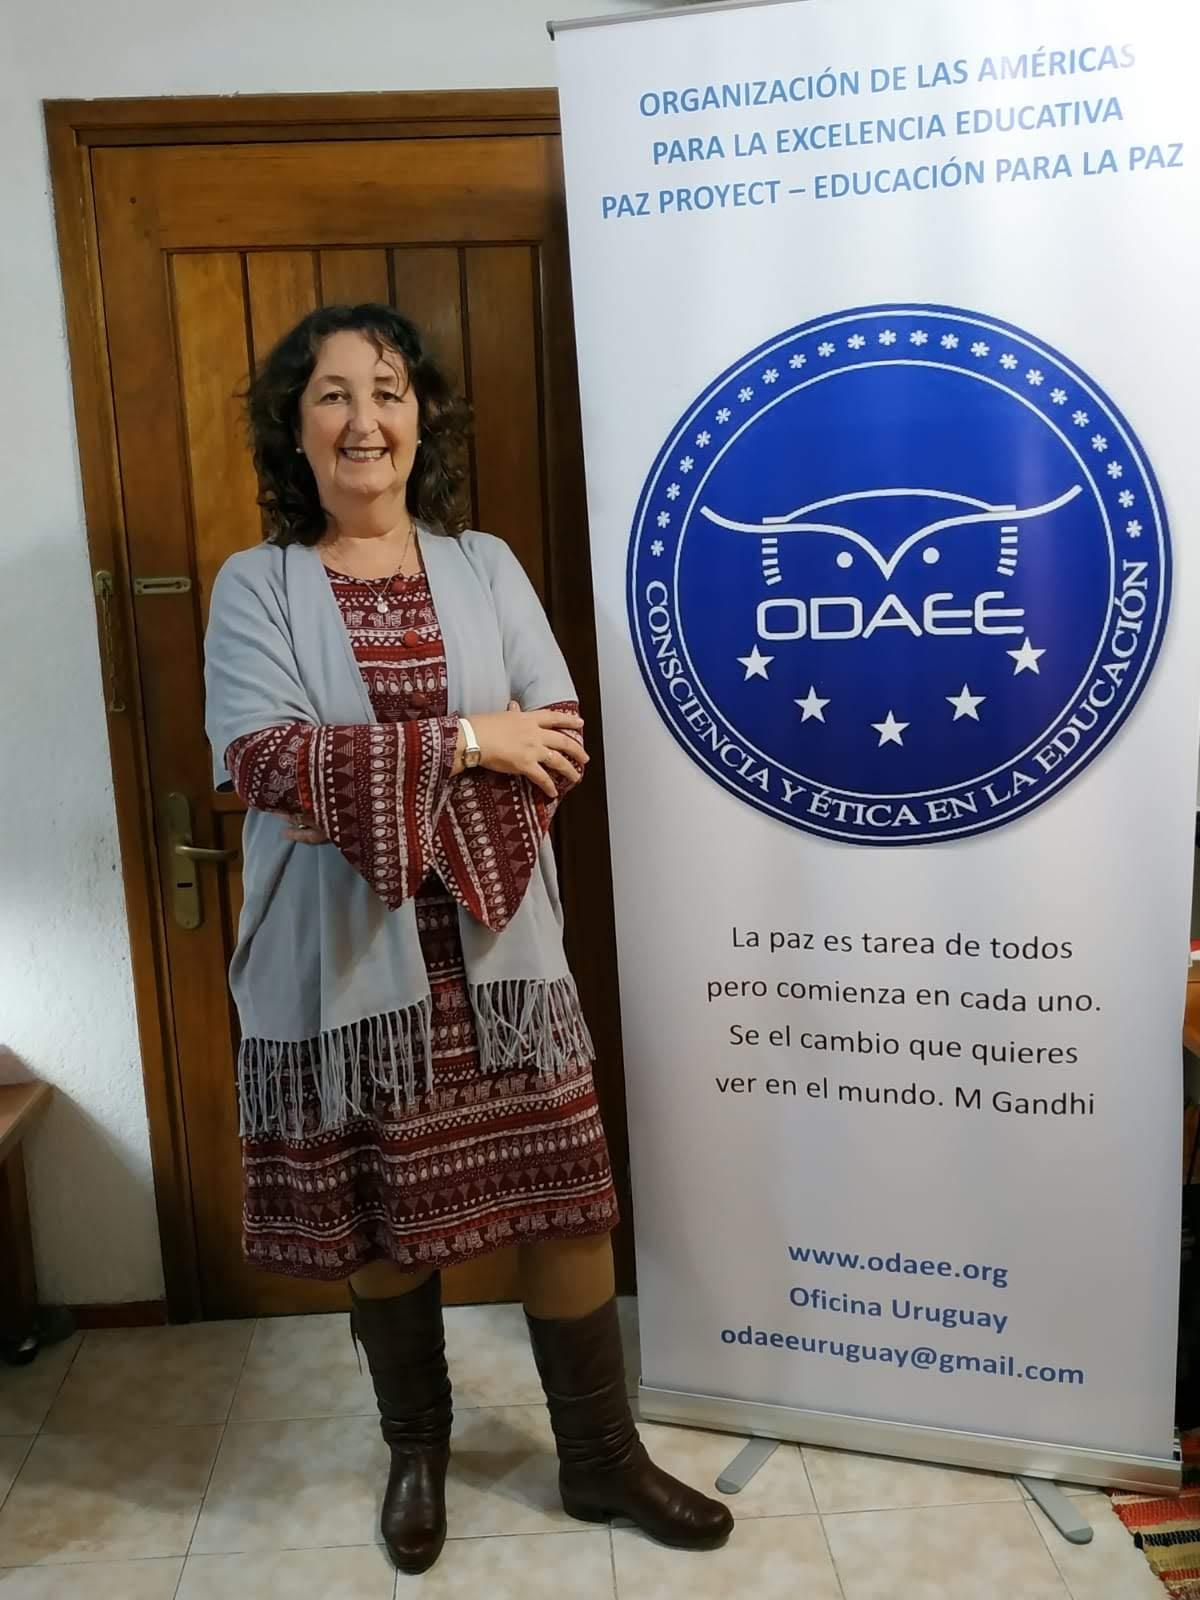 DIRECTORA Y EMBAJADORA DE PAZ